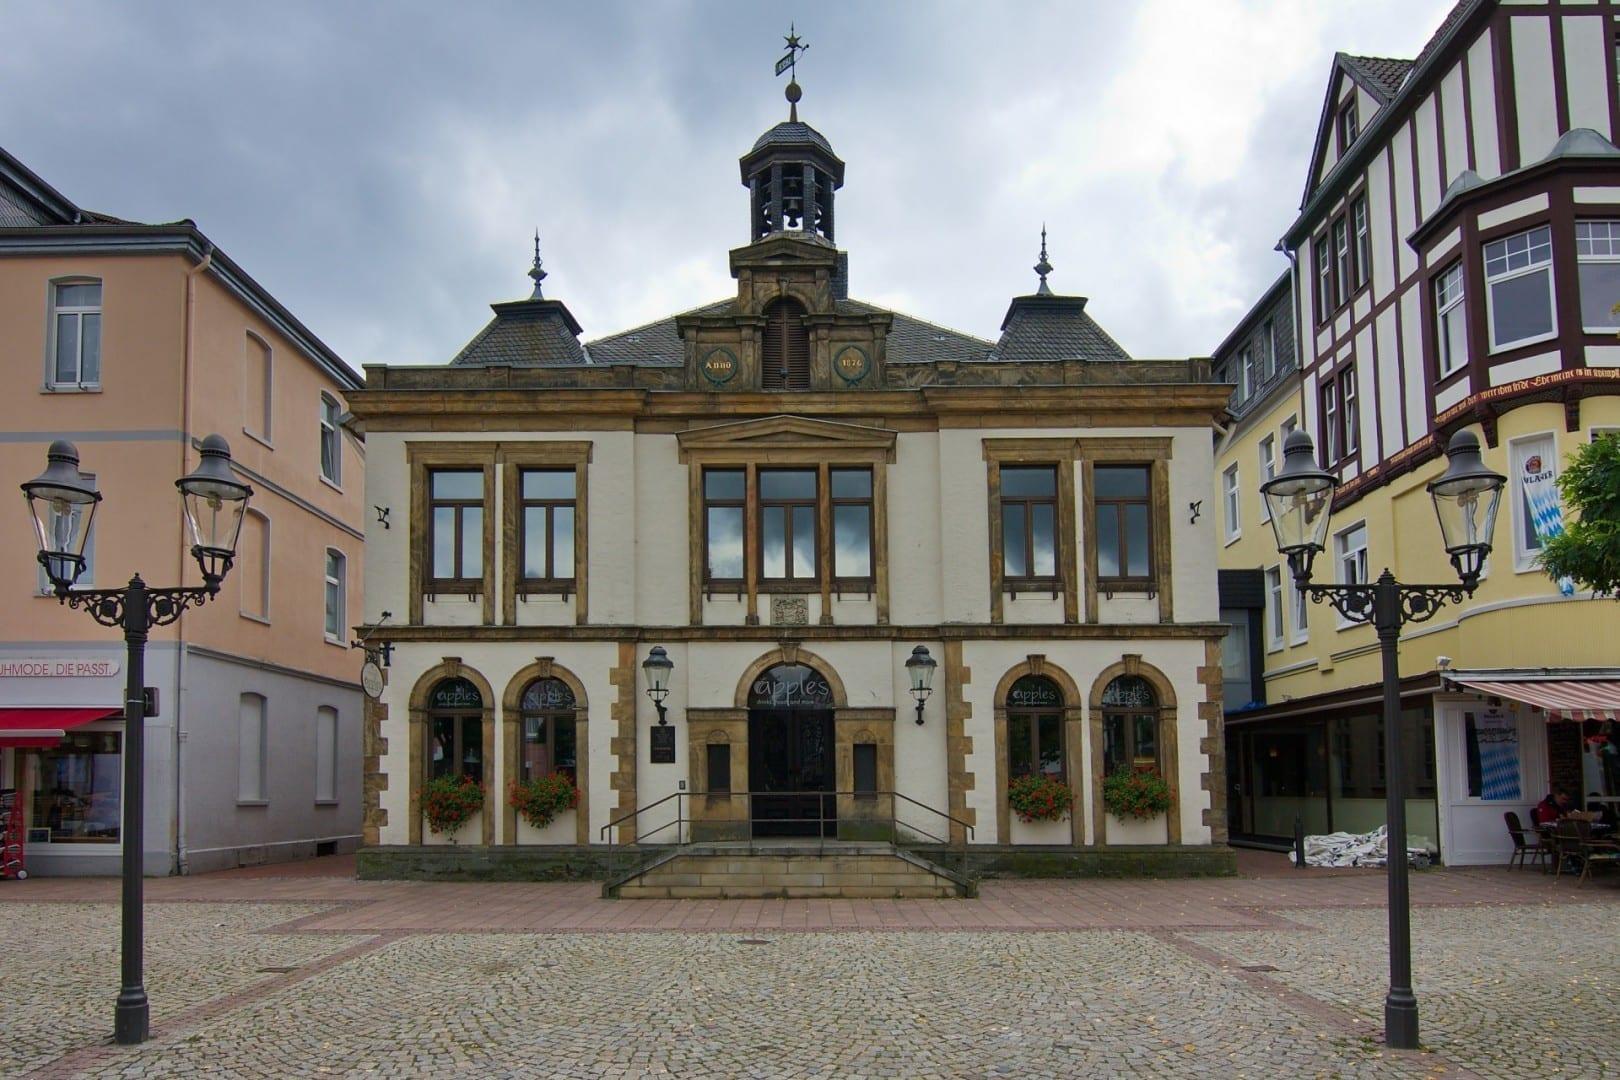 El antiguo ayuntamiento en la plaza del mercado Peine Alemania